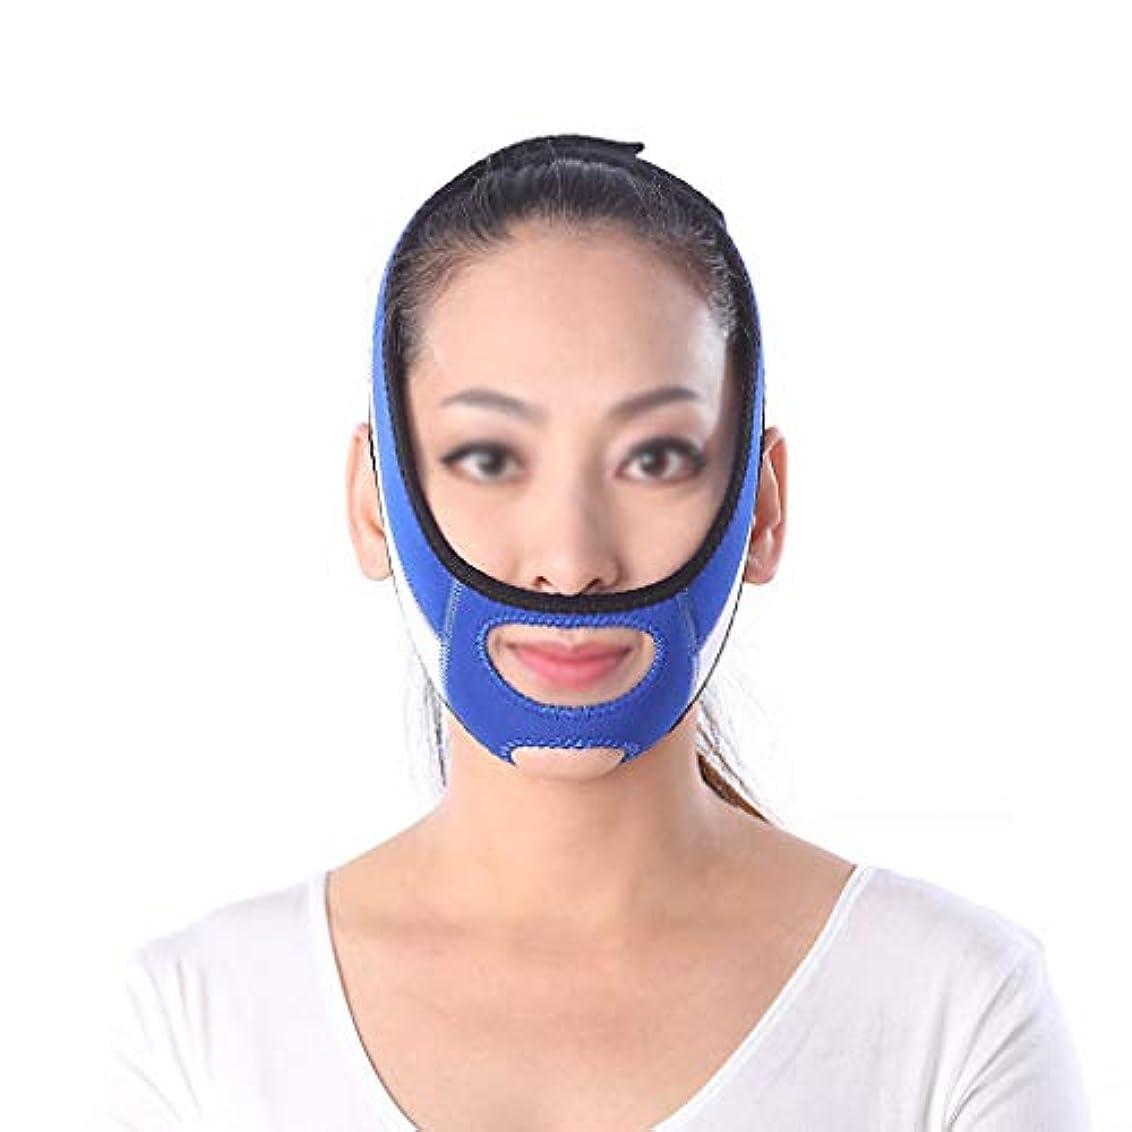 意気消沈した飲み込む飲み込むXHLMRMJ フェイスリフティング包帯、フェイスリフティングマスク、フェイスリフティング器具、二重あごケア減量、フェイシャルリフティングストラップ(フリーサイズ、ブルー)